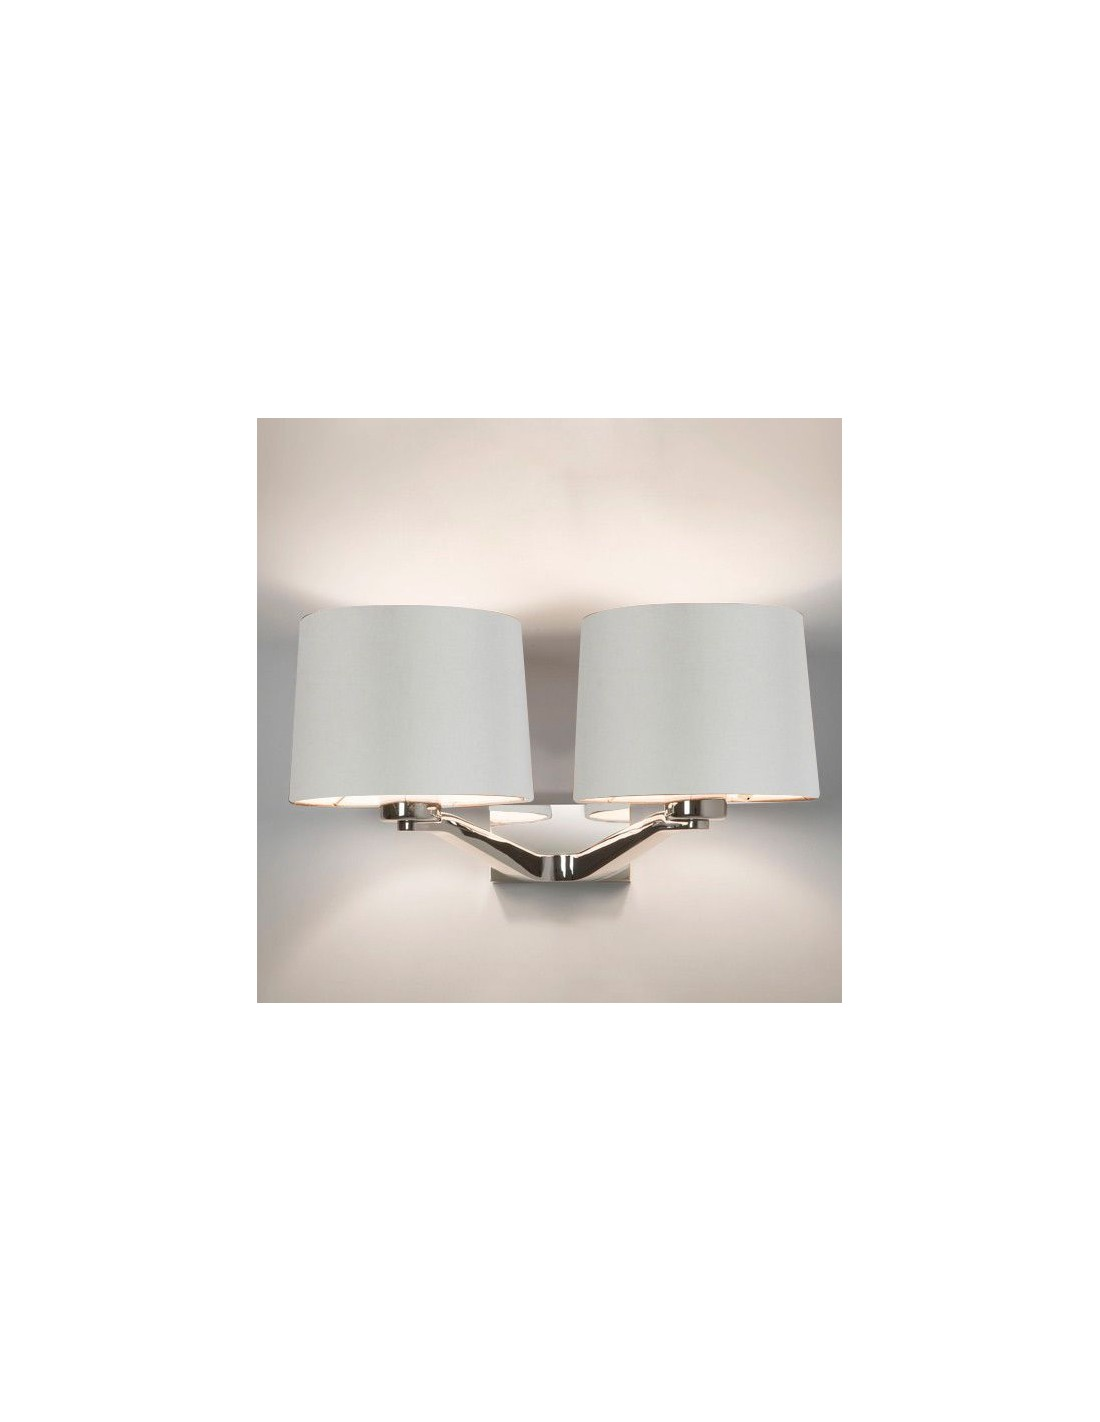 Applique Montclair Twin chrome abat jour blanc Astro lighting